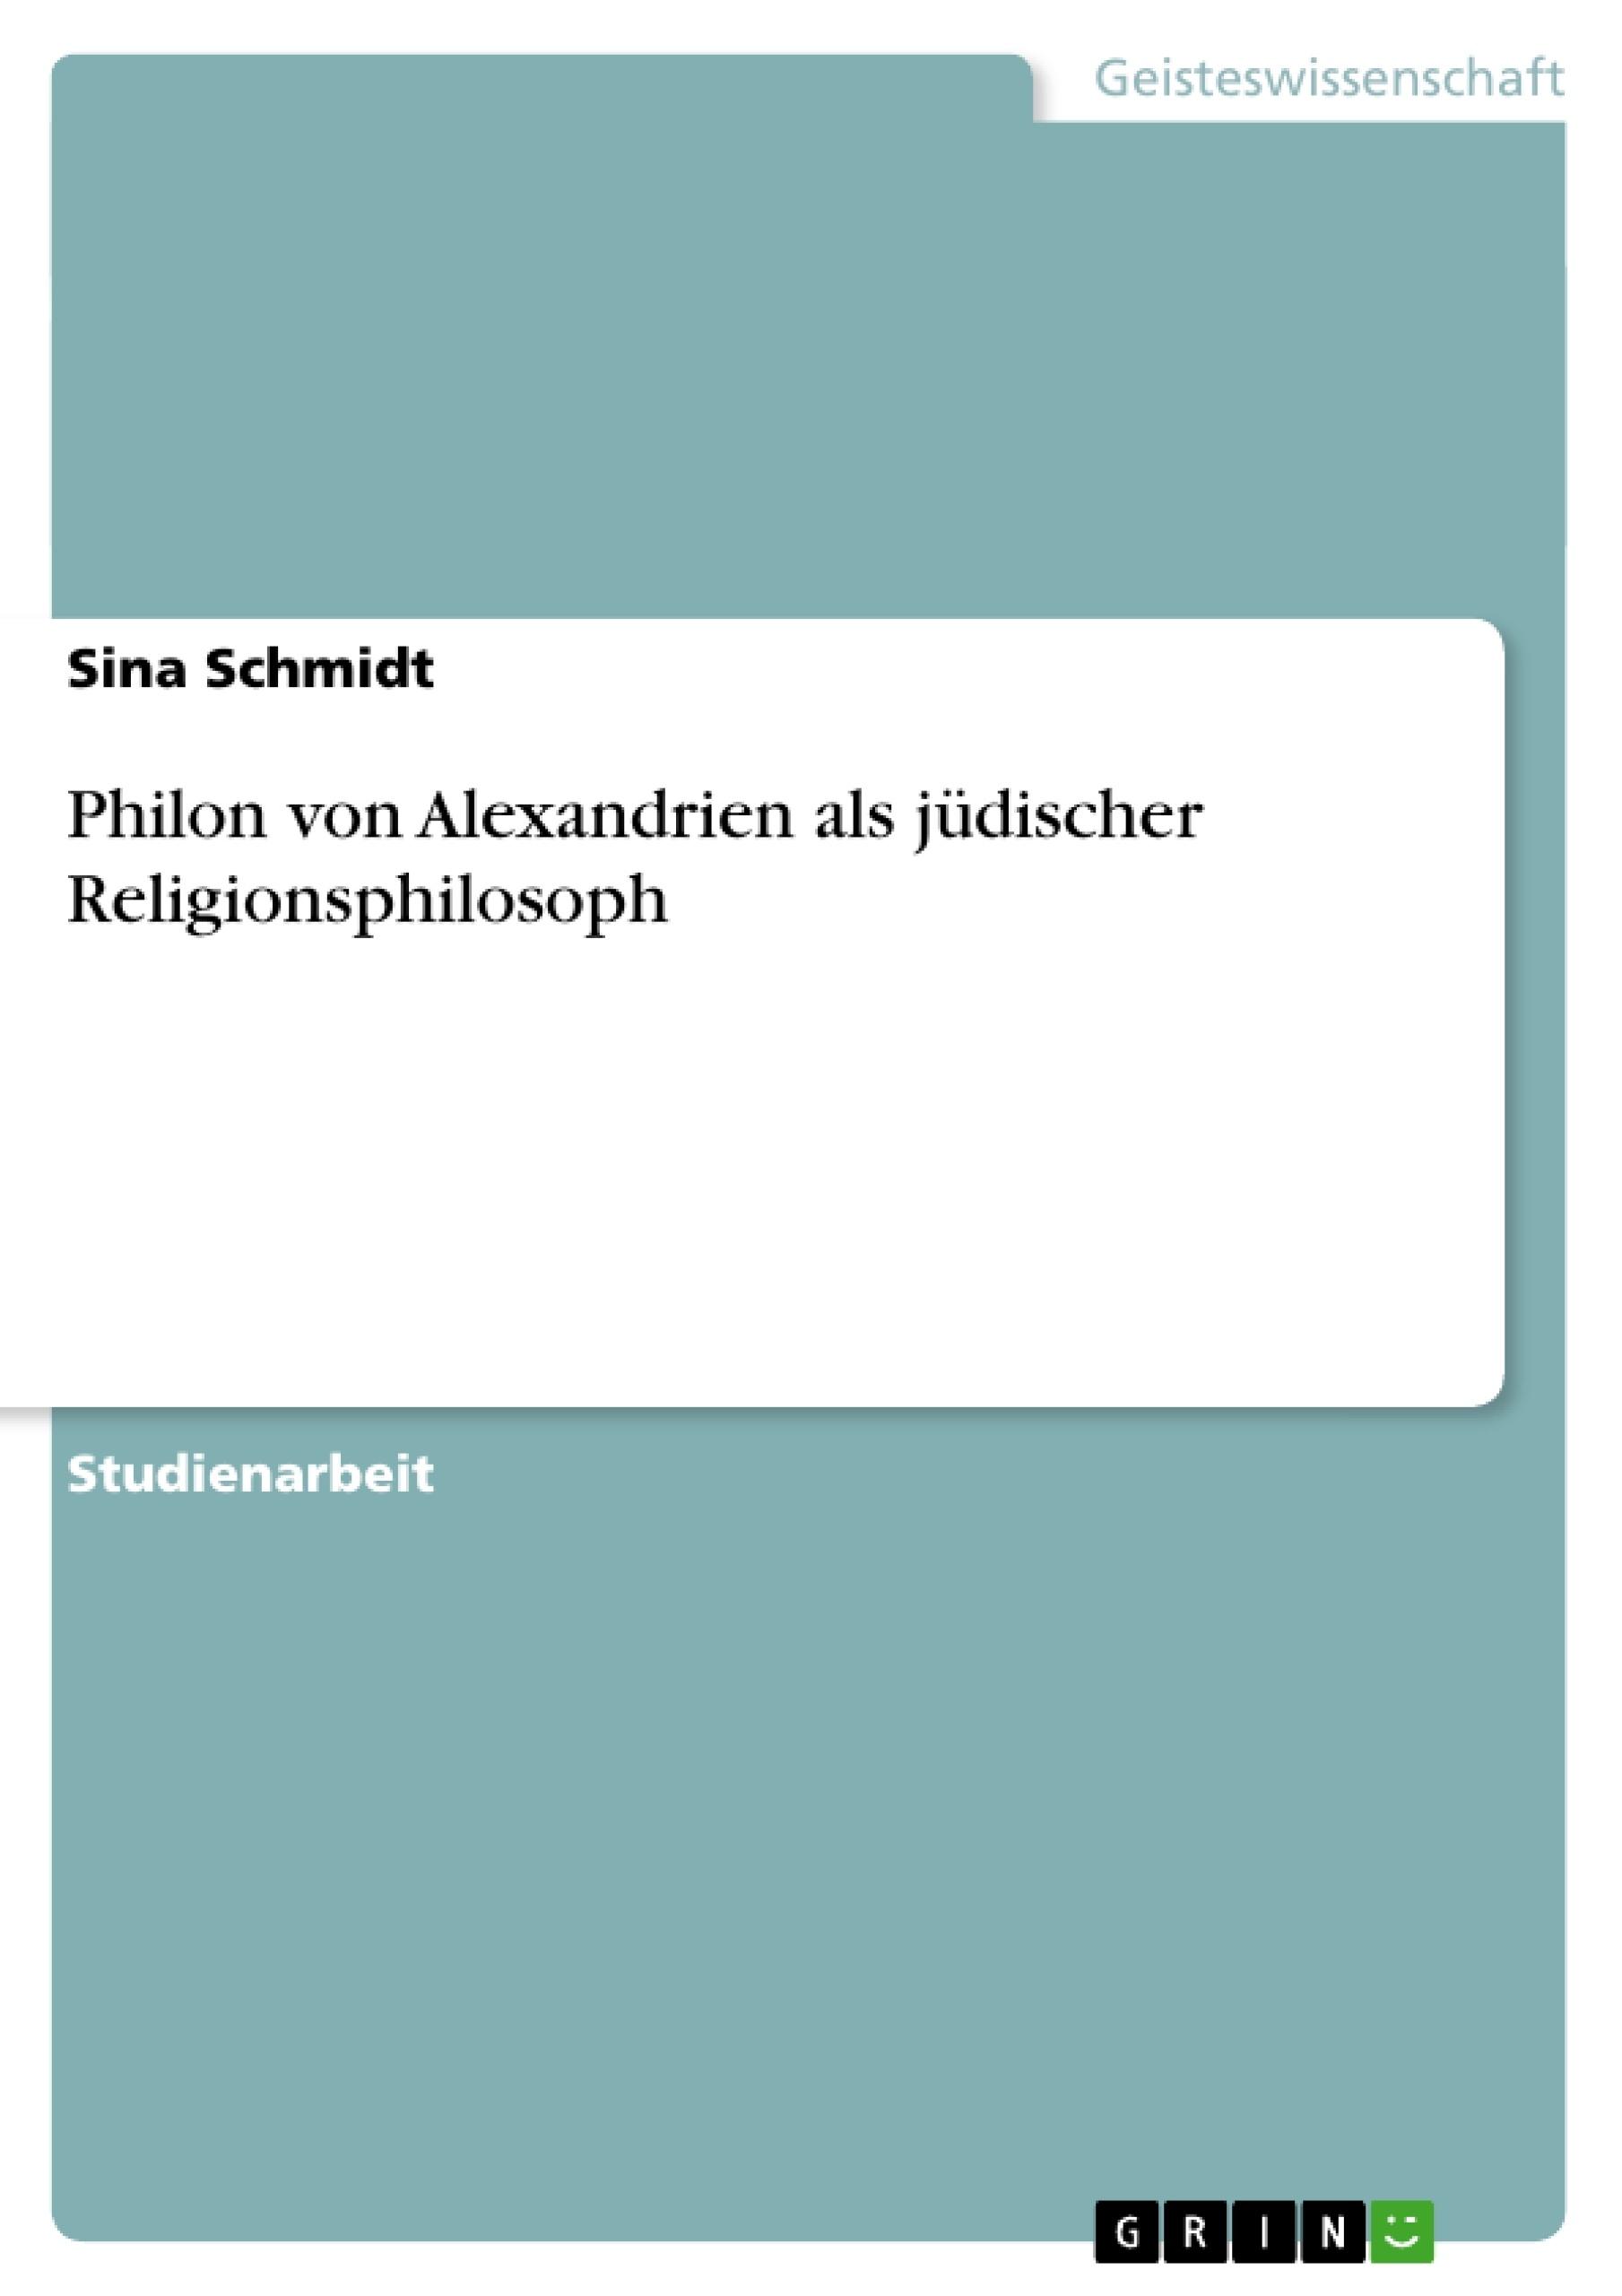 Titel: Philon von Alexandrien als jüdischer Religionsphilosoph